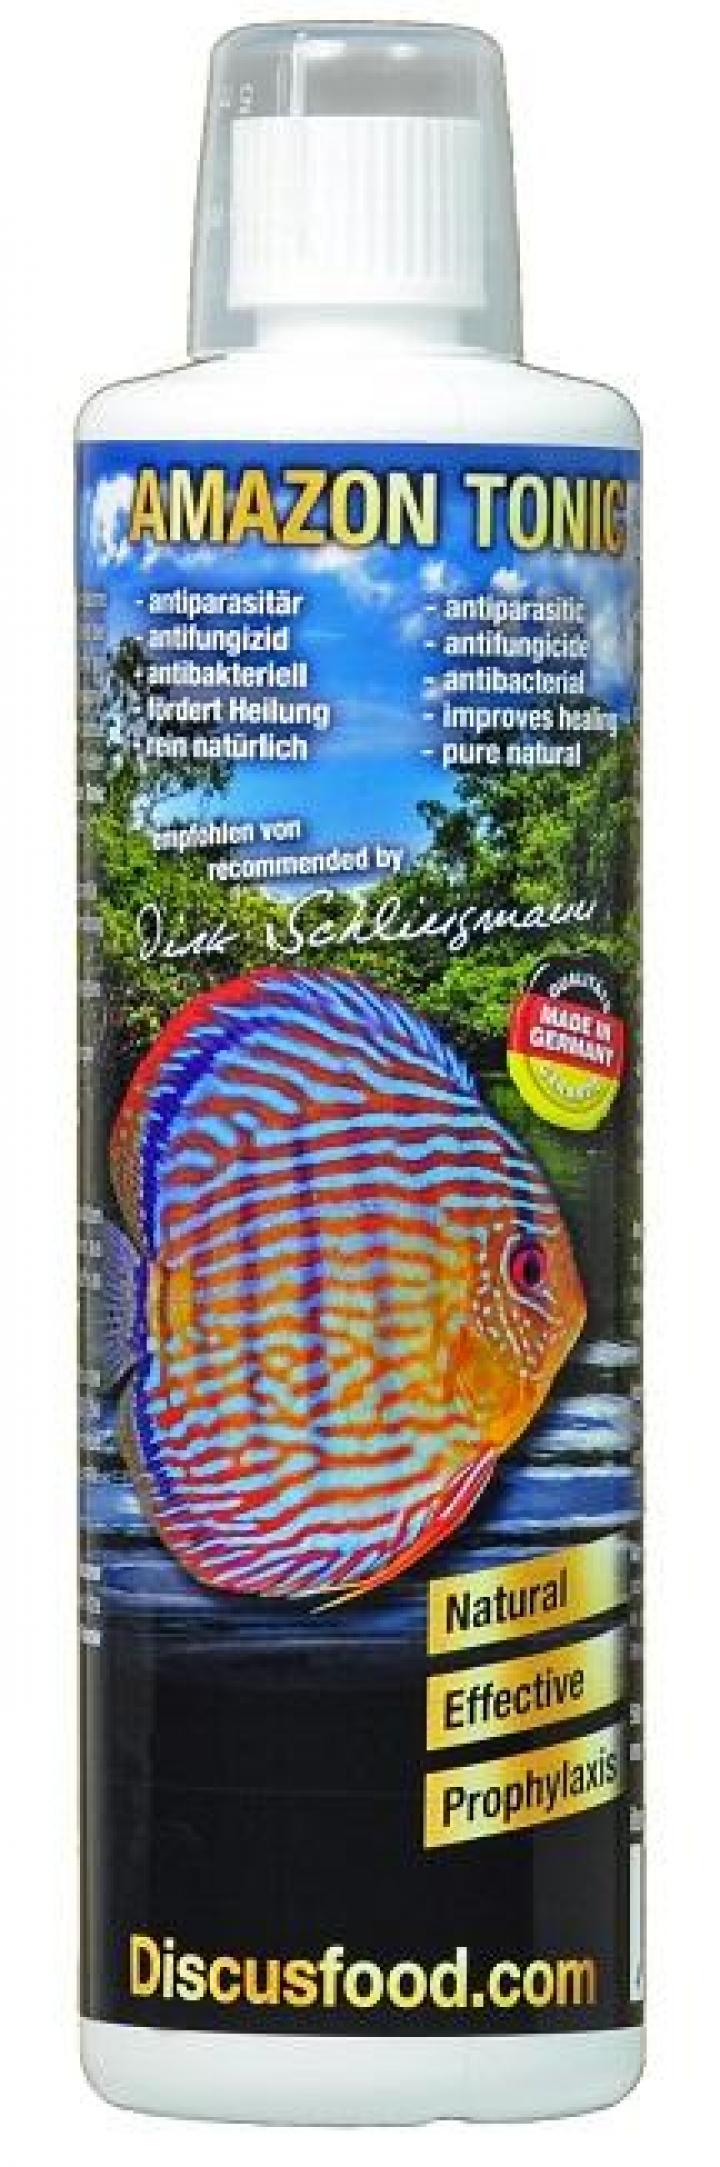 Discusfood Amazon Tonic 500ml